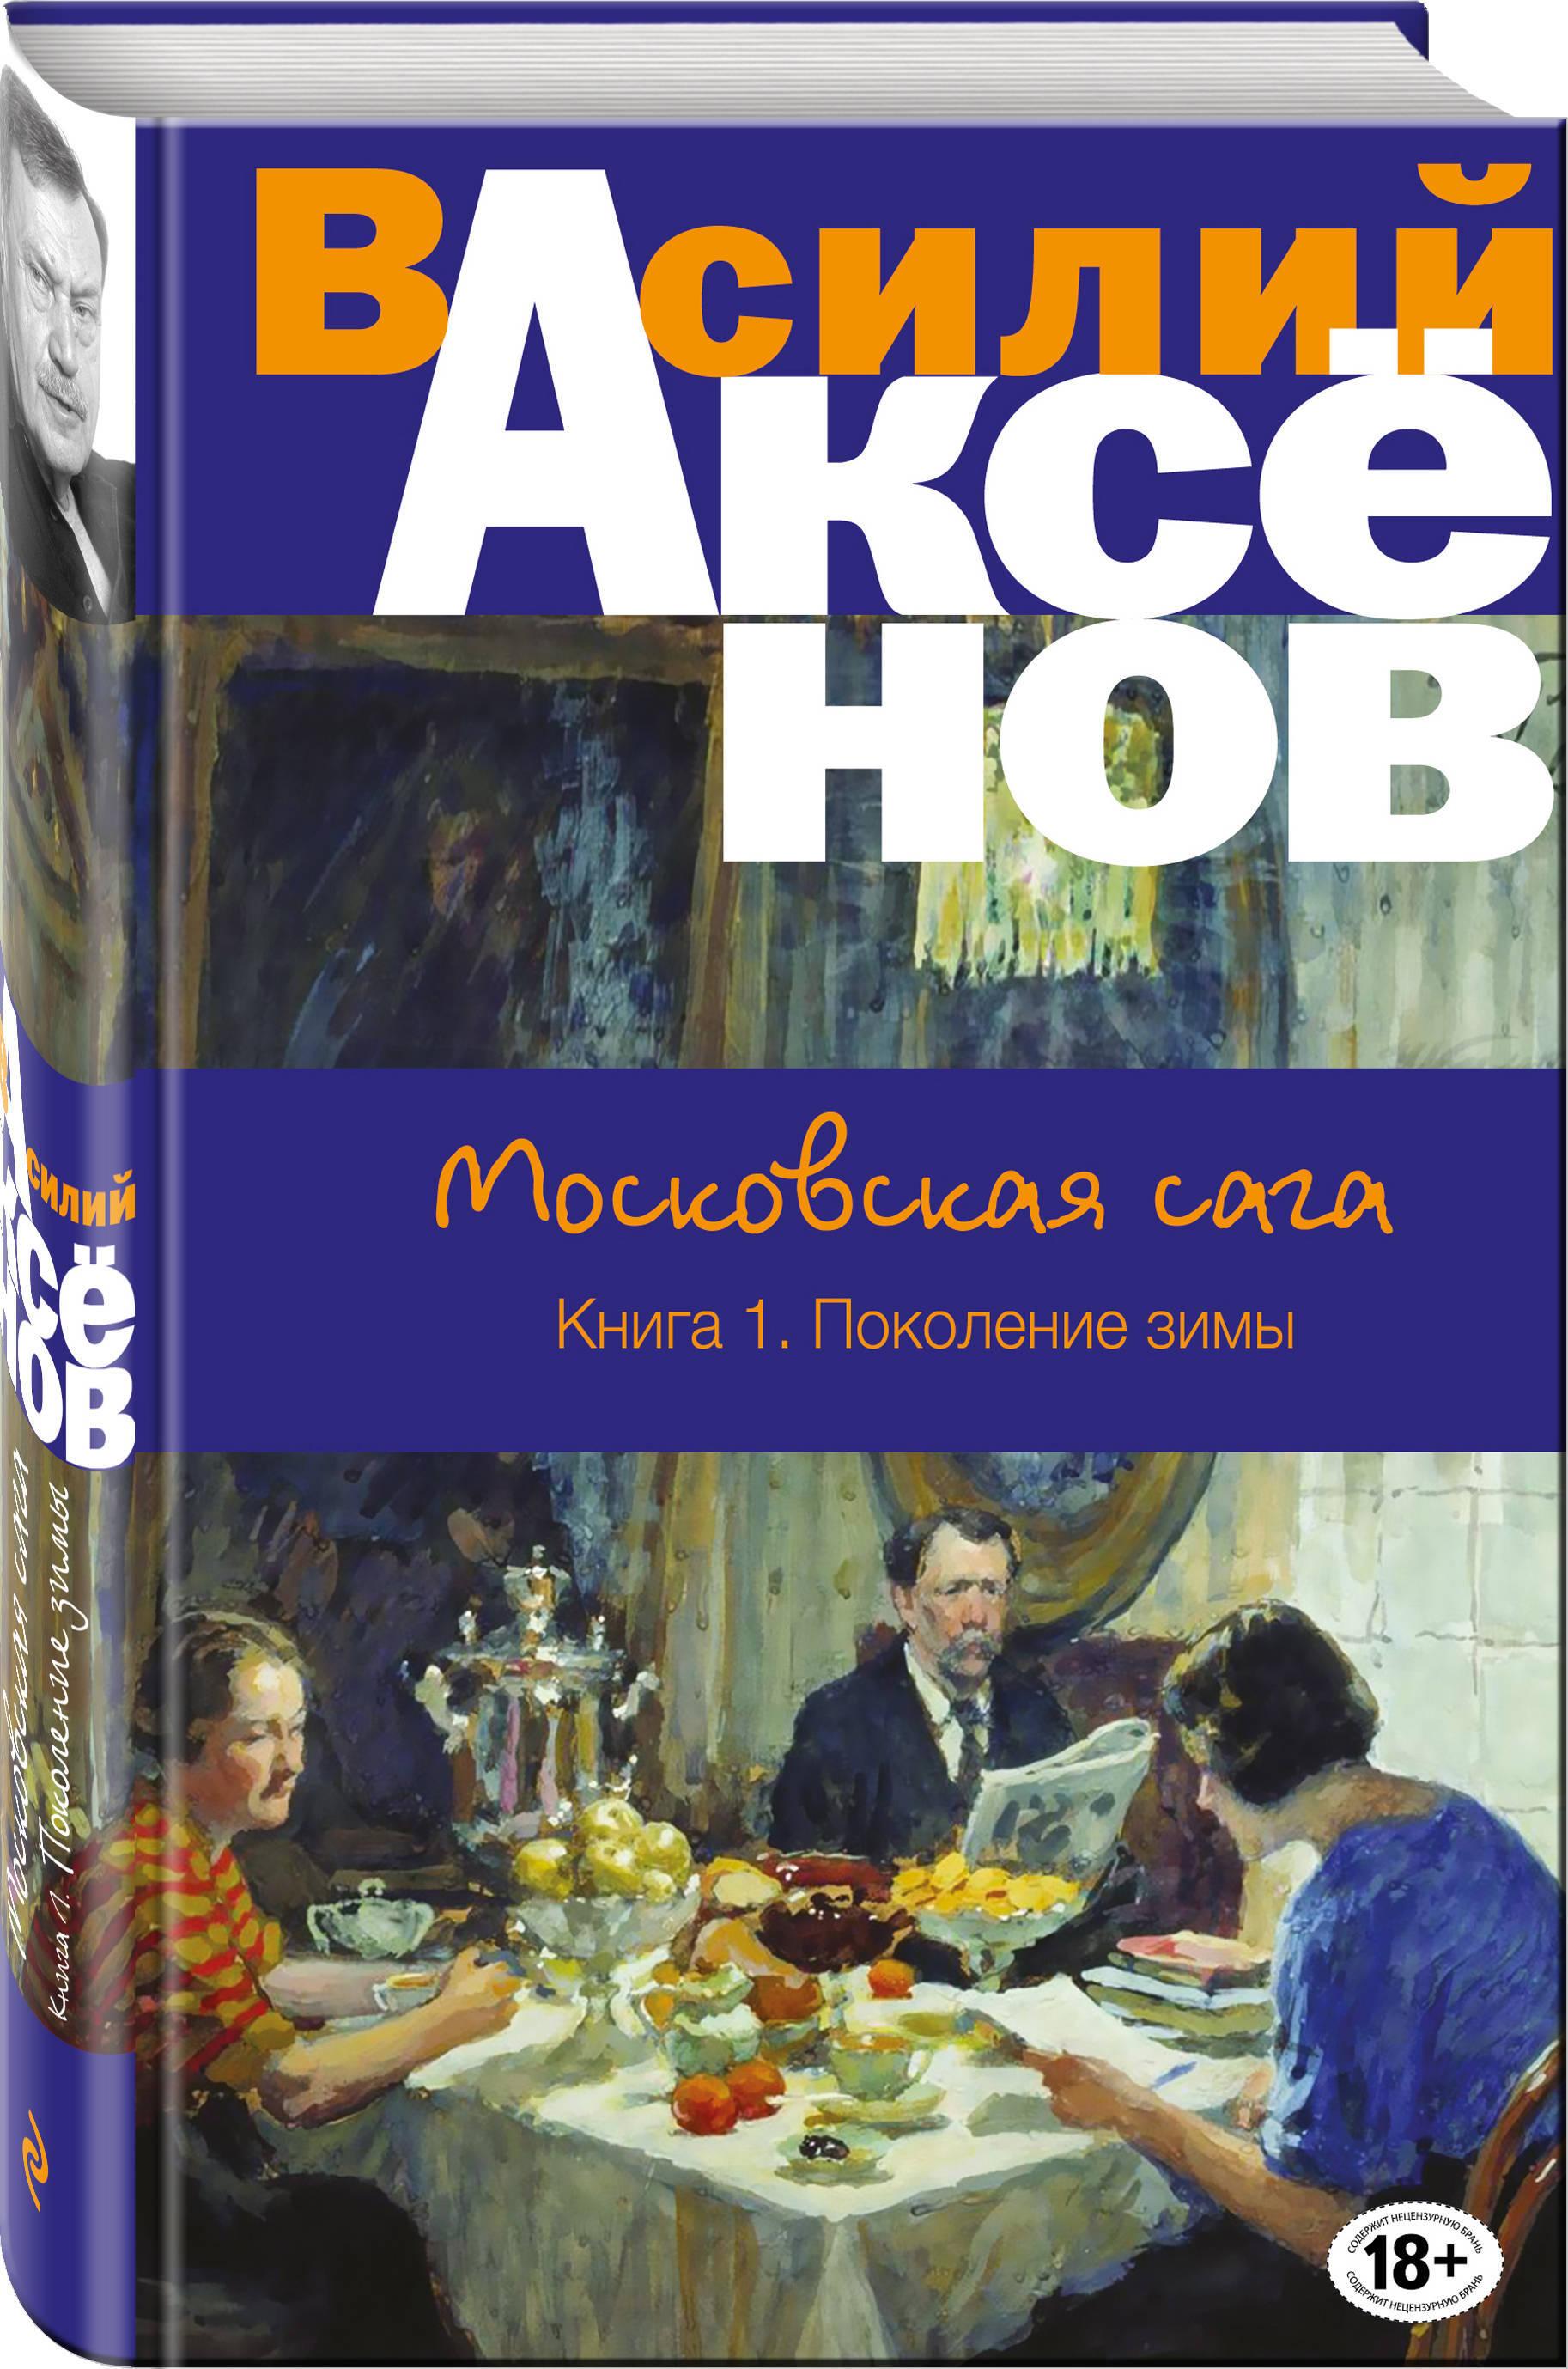 Московская сага. Книга I. Поколение зимы | Аксенов Василий Павлович